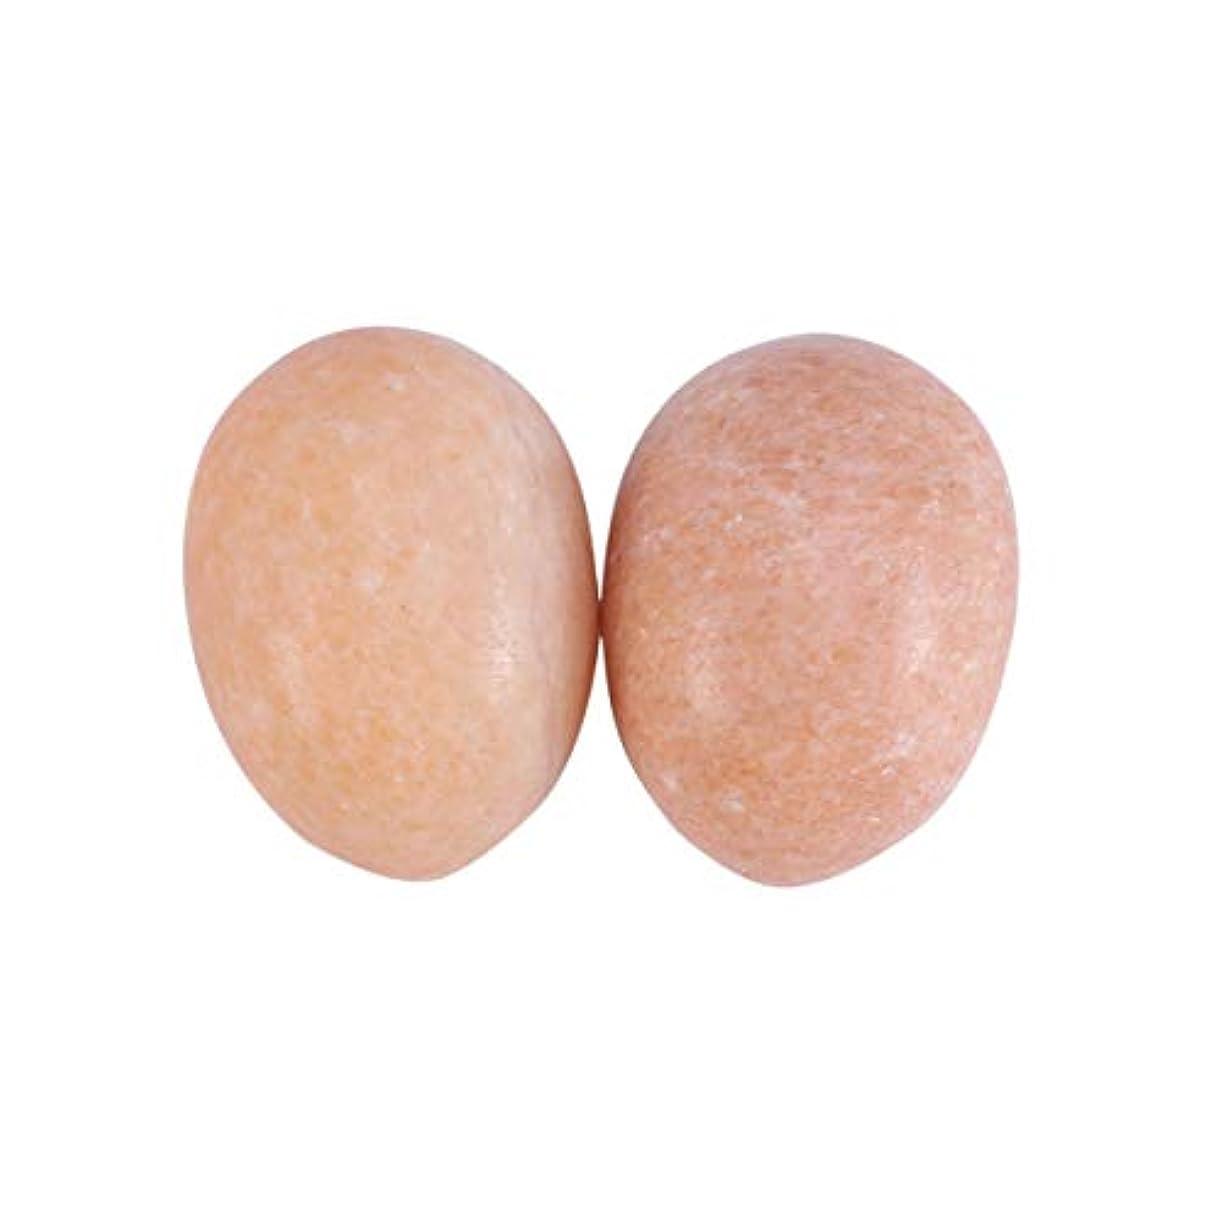 急勾配の頂点テスピアンHealifty 妊娠中の女性のためのマッサージボール6個玉ヨニ卵骨盤底筋マッサージ運動膣締め付けボールヘルスケア(サンセットレッド)